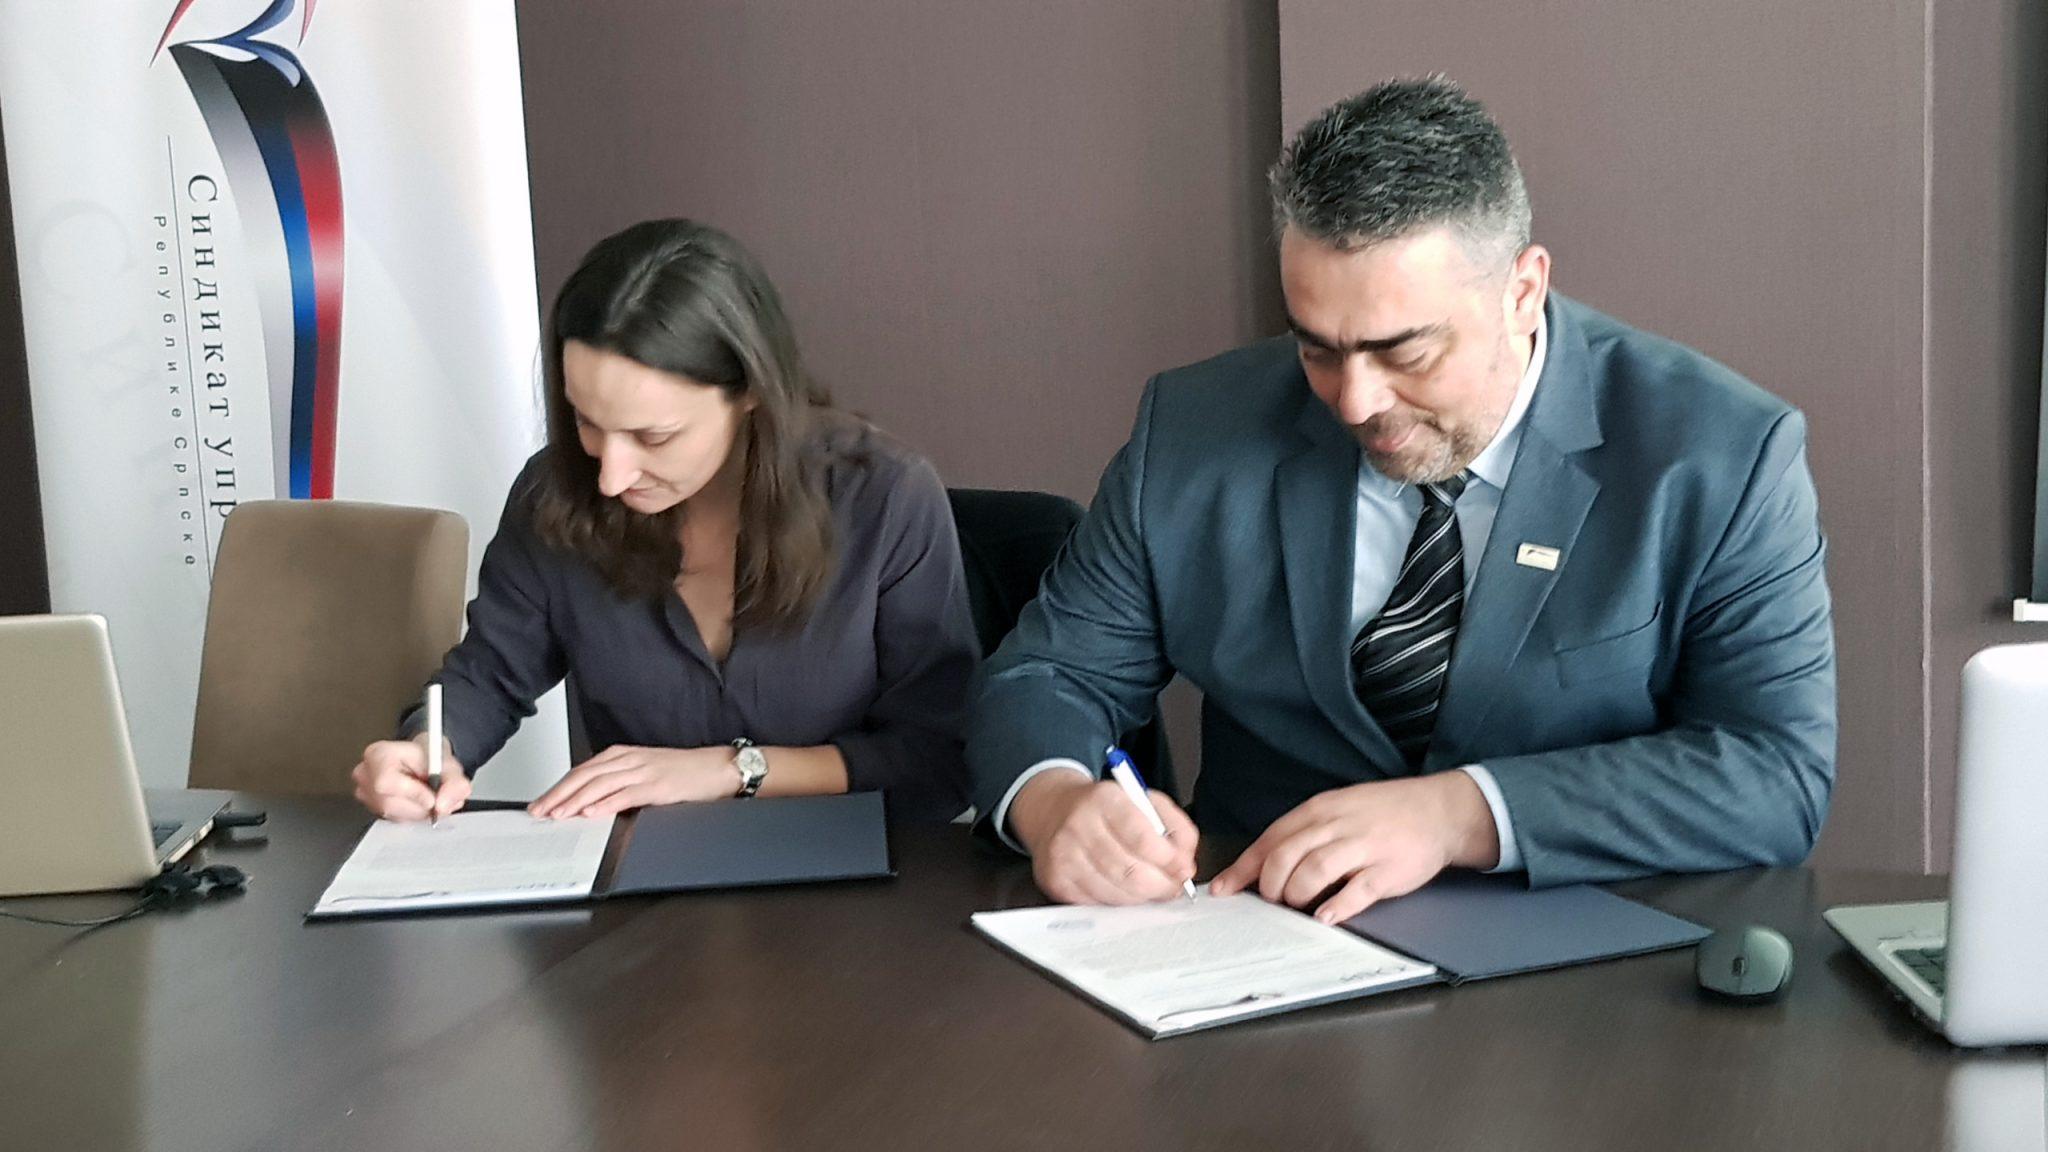 Sindikat uprave RS potpisao memorandum s penzijskim fondom